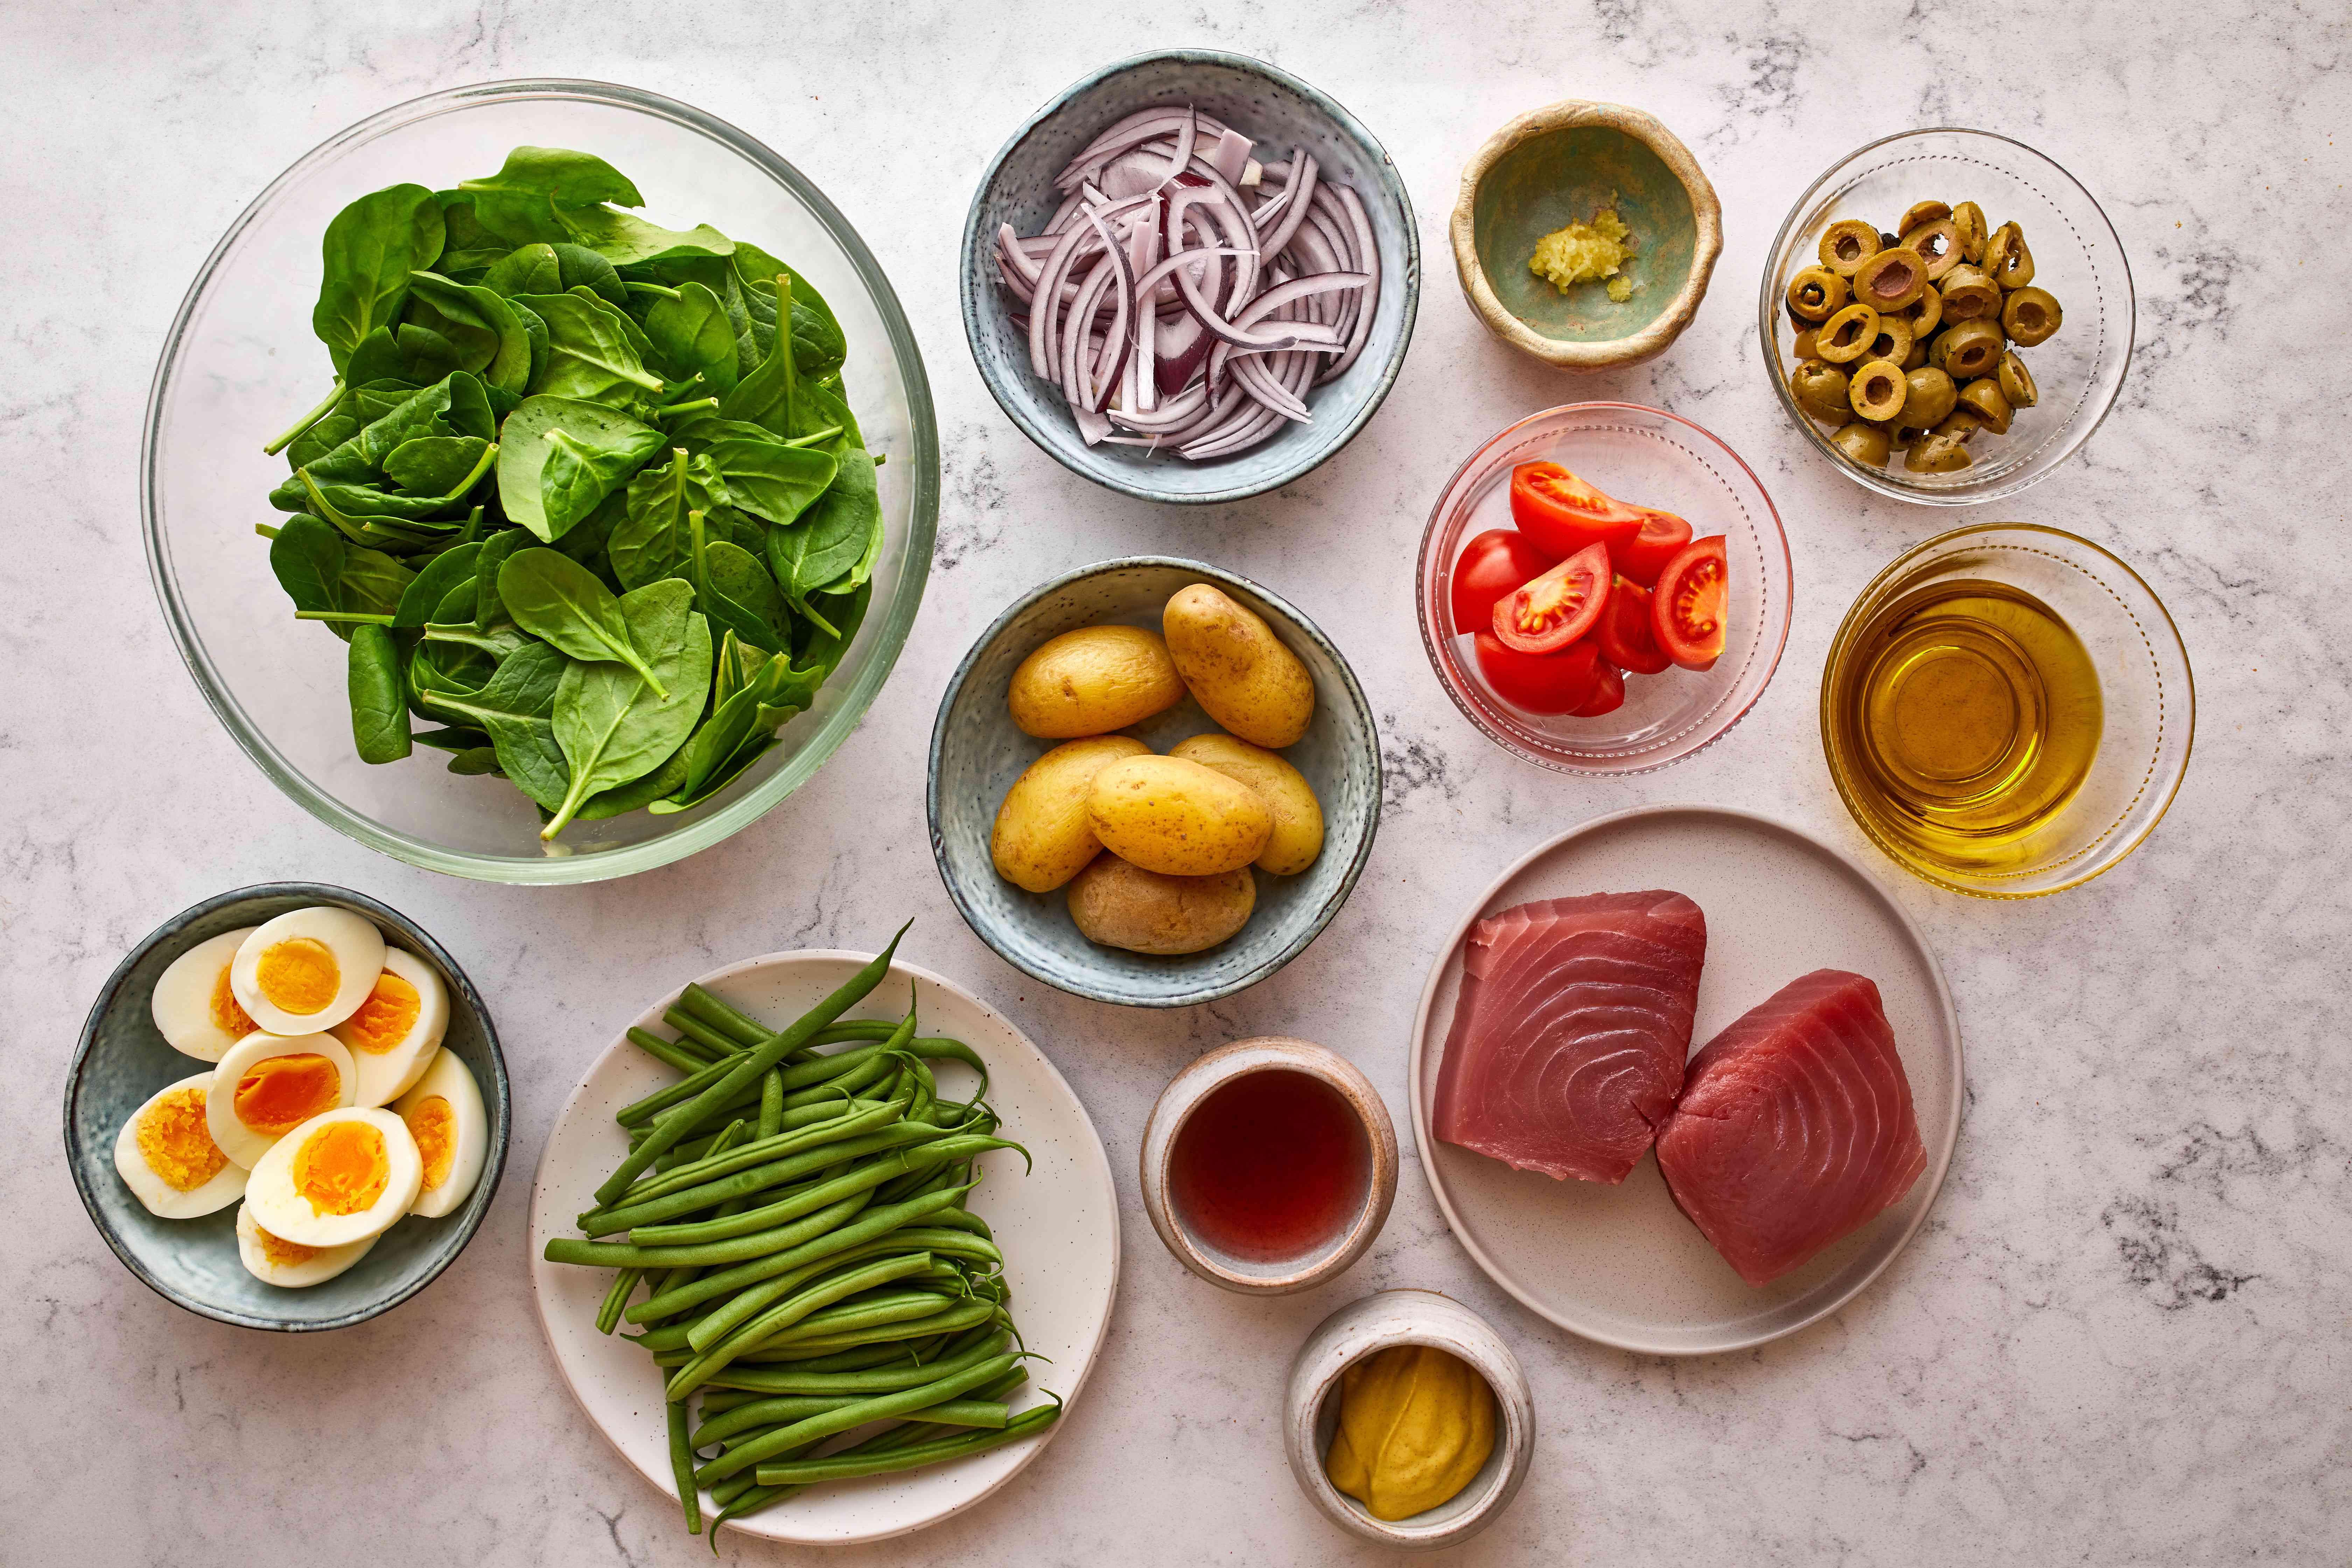 Nicoise salad ingredients